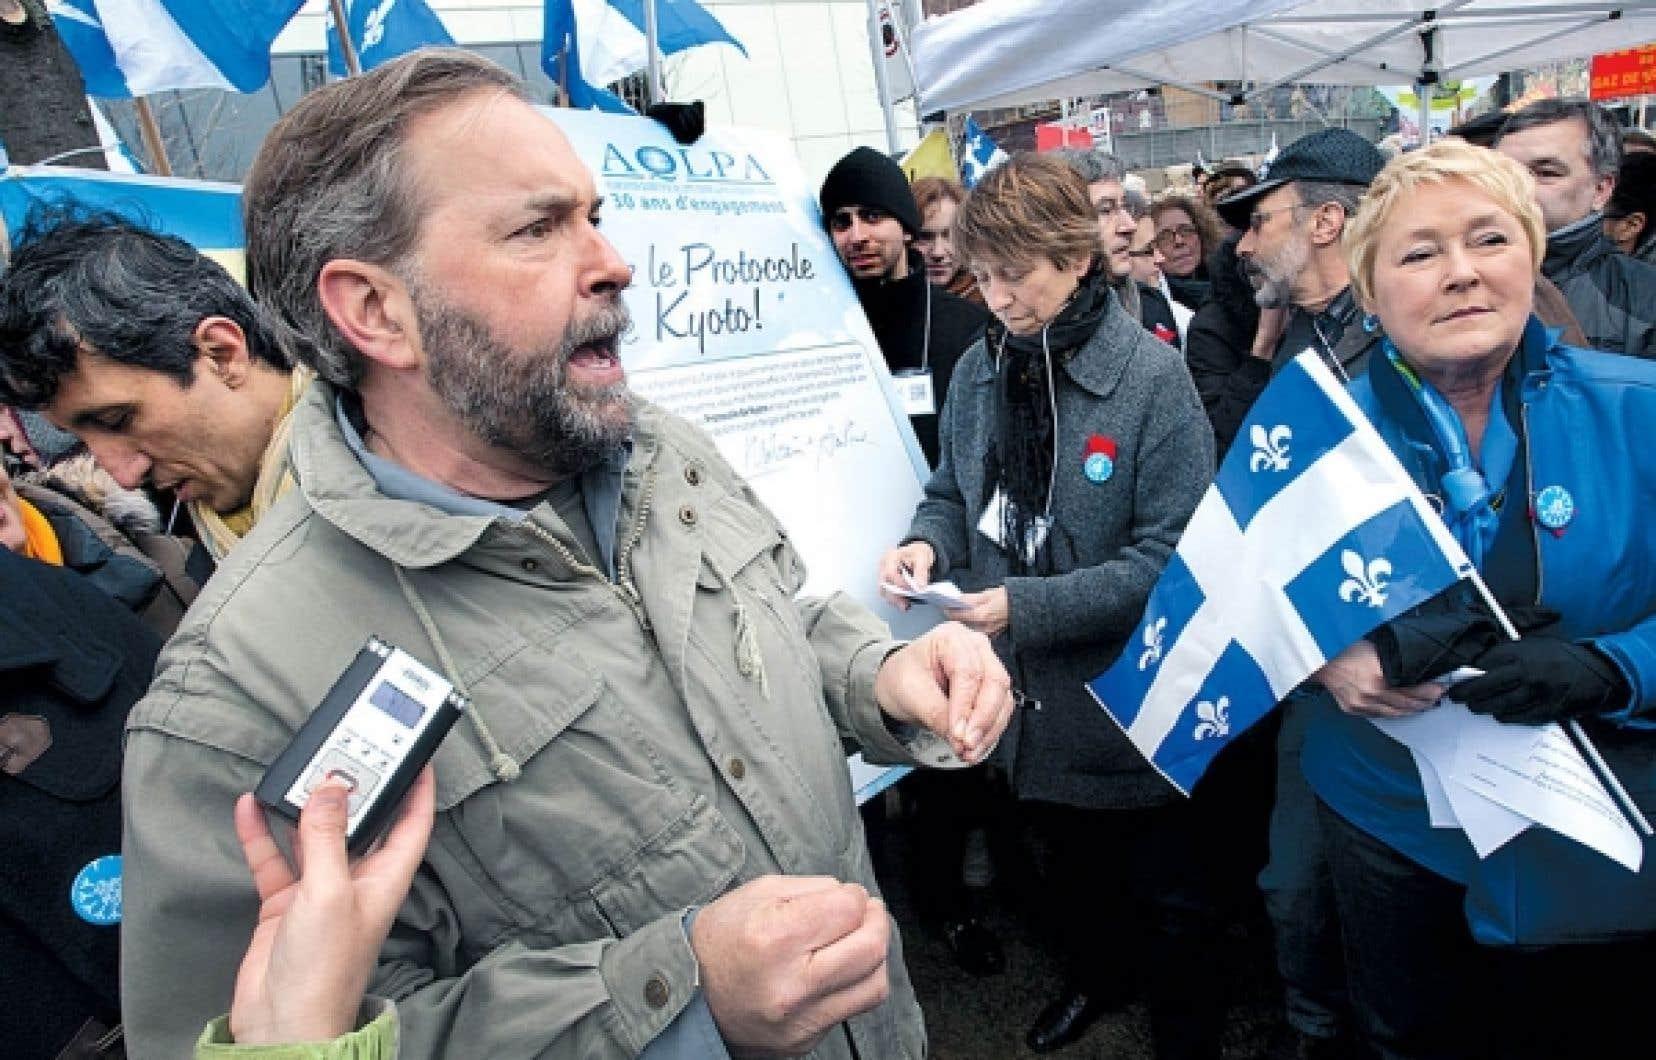 <div> Le député de Québec solidaire (QS), Amir Khadir, le chef néodémocrate, Thomas Mulcair, la coporte-parole de QS, Francoise David, et la chef péquiste Pauline Marois ont tous adhéré de façon symbolique le Protocole de Kyoto.</div>